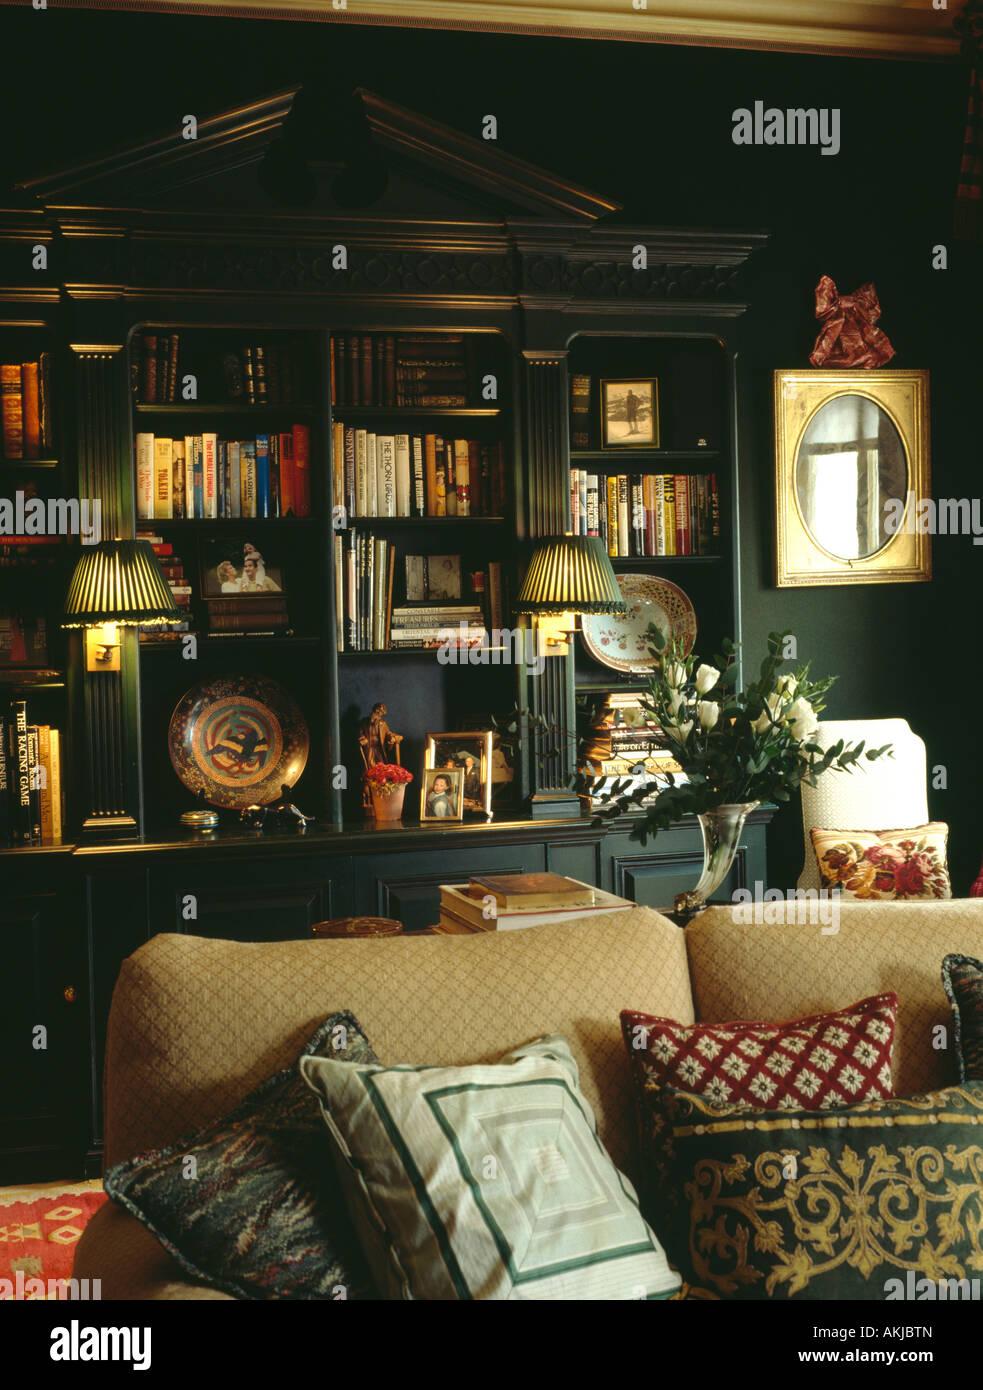 Dark Green Living Room.Lighted Lamps On Fitted Bookshelves In Dark Green Living